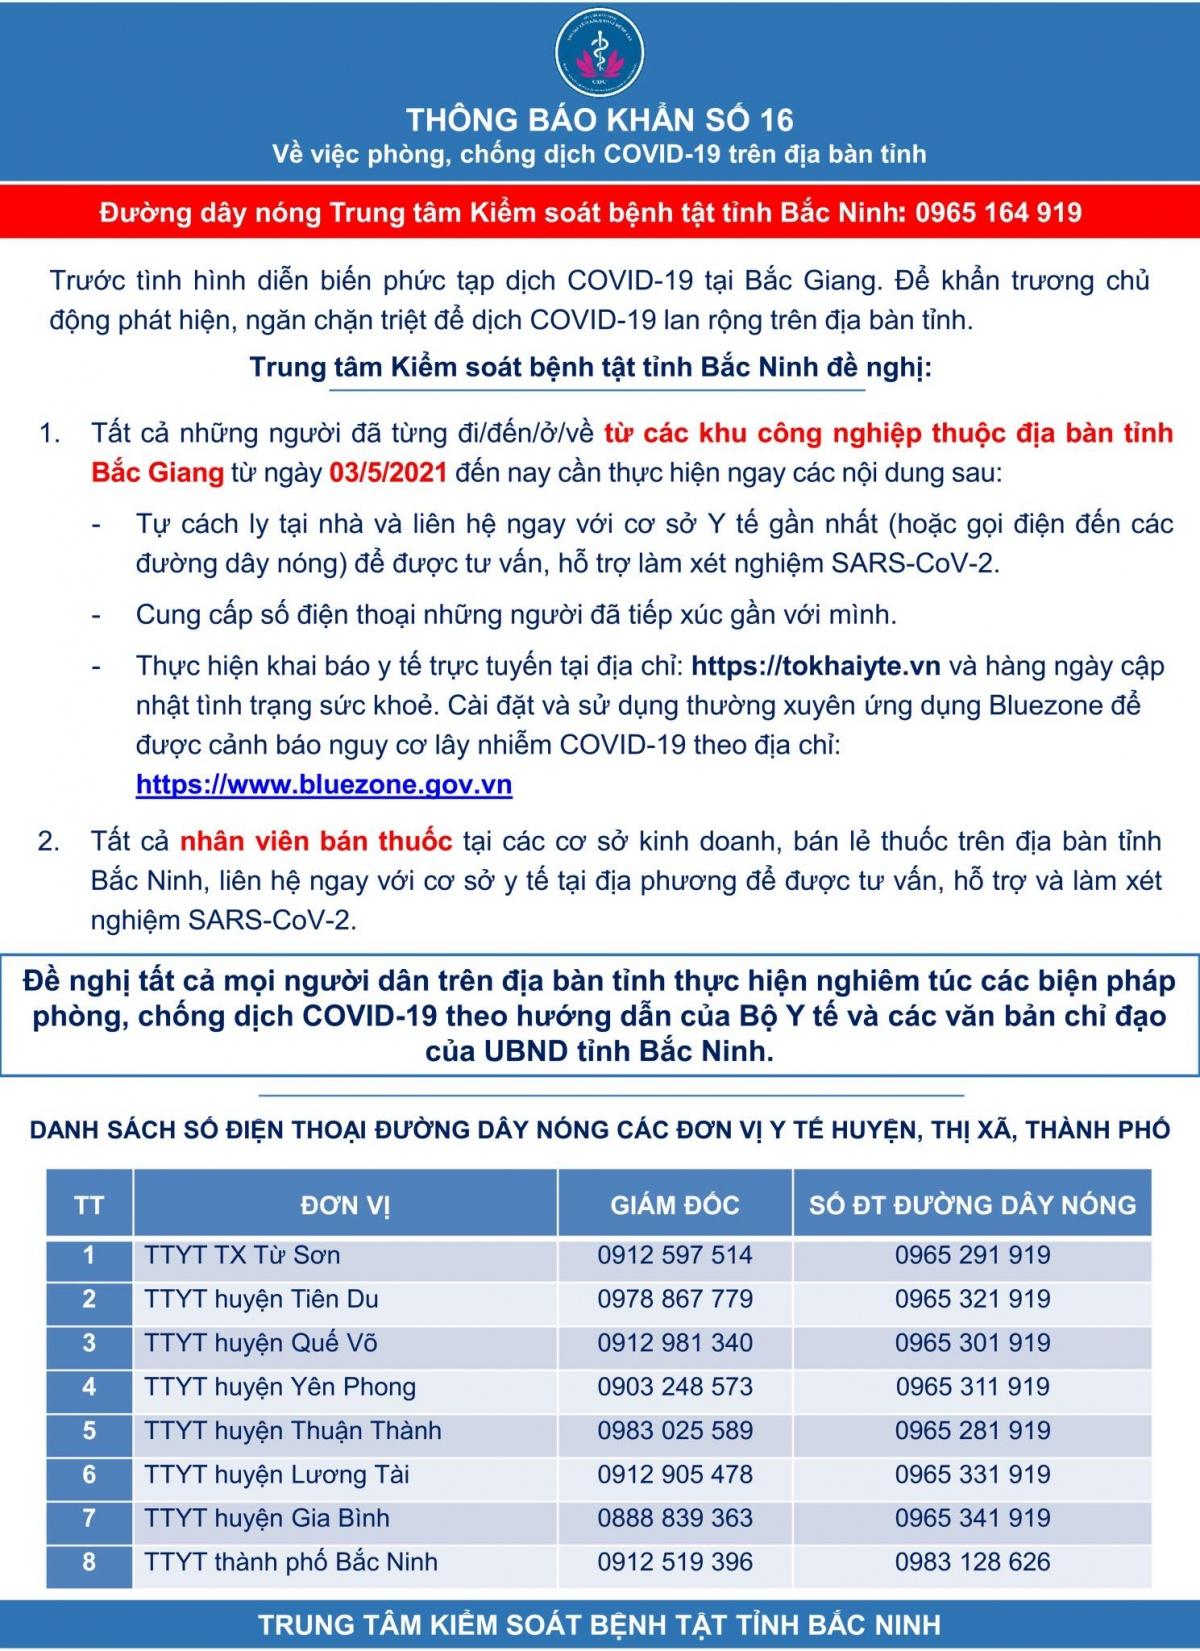 Thông báo khẩn của tỉnh Bắc Ninh đối với các trường hợp liên quan đến ổ dịch KCN ở huyện Việt Yên.